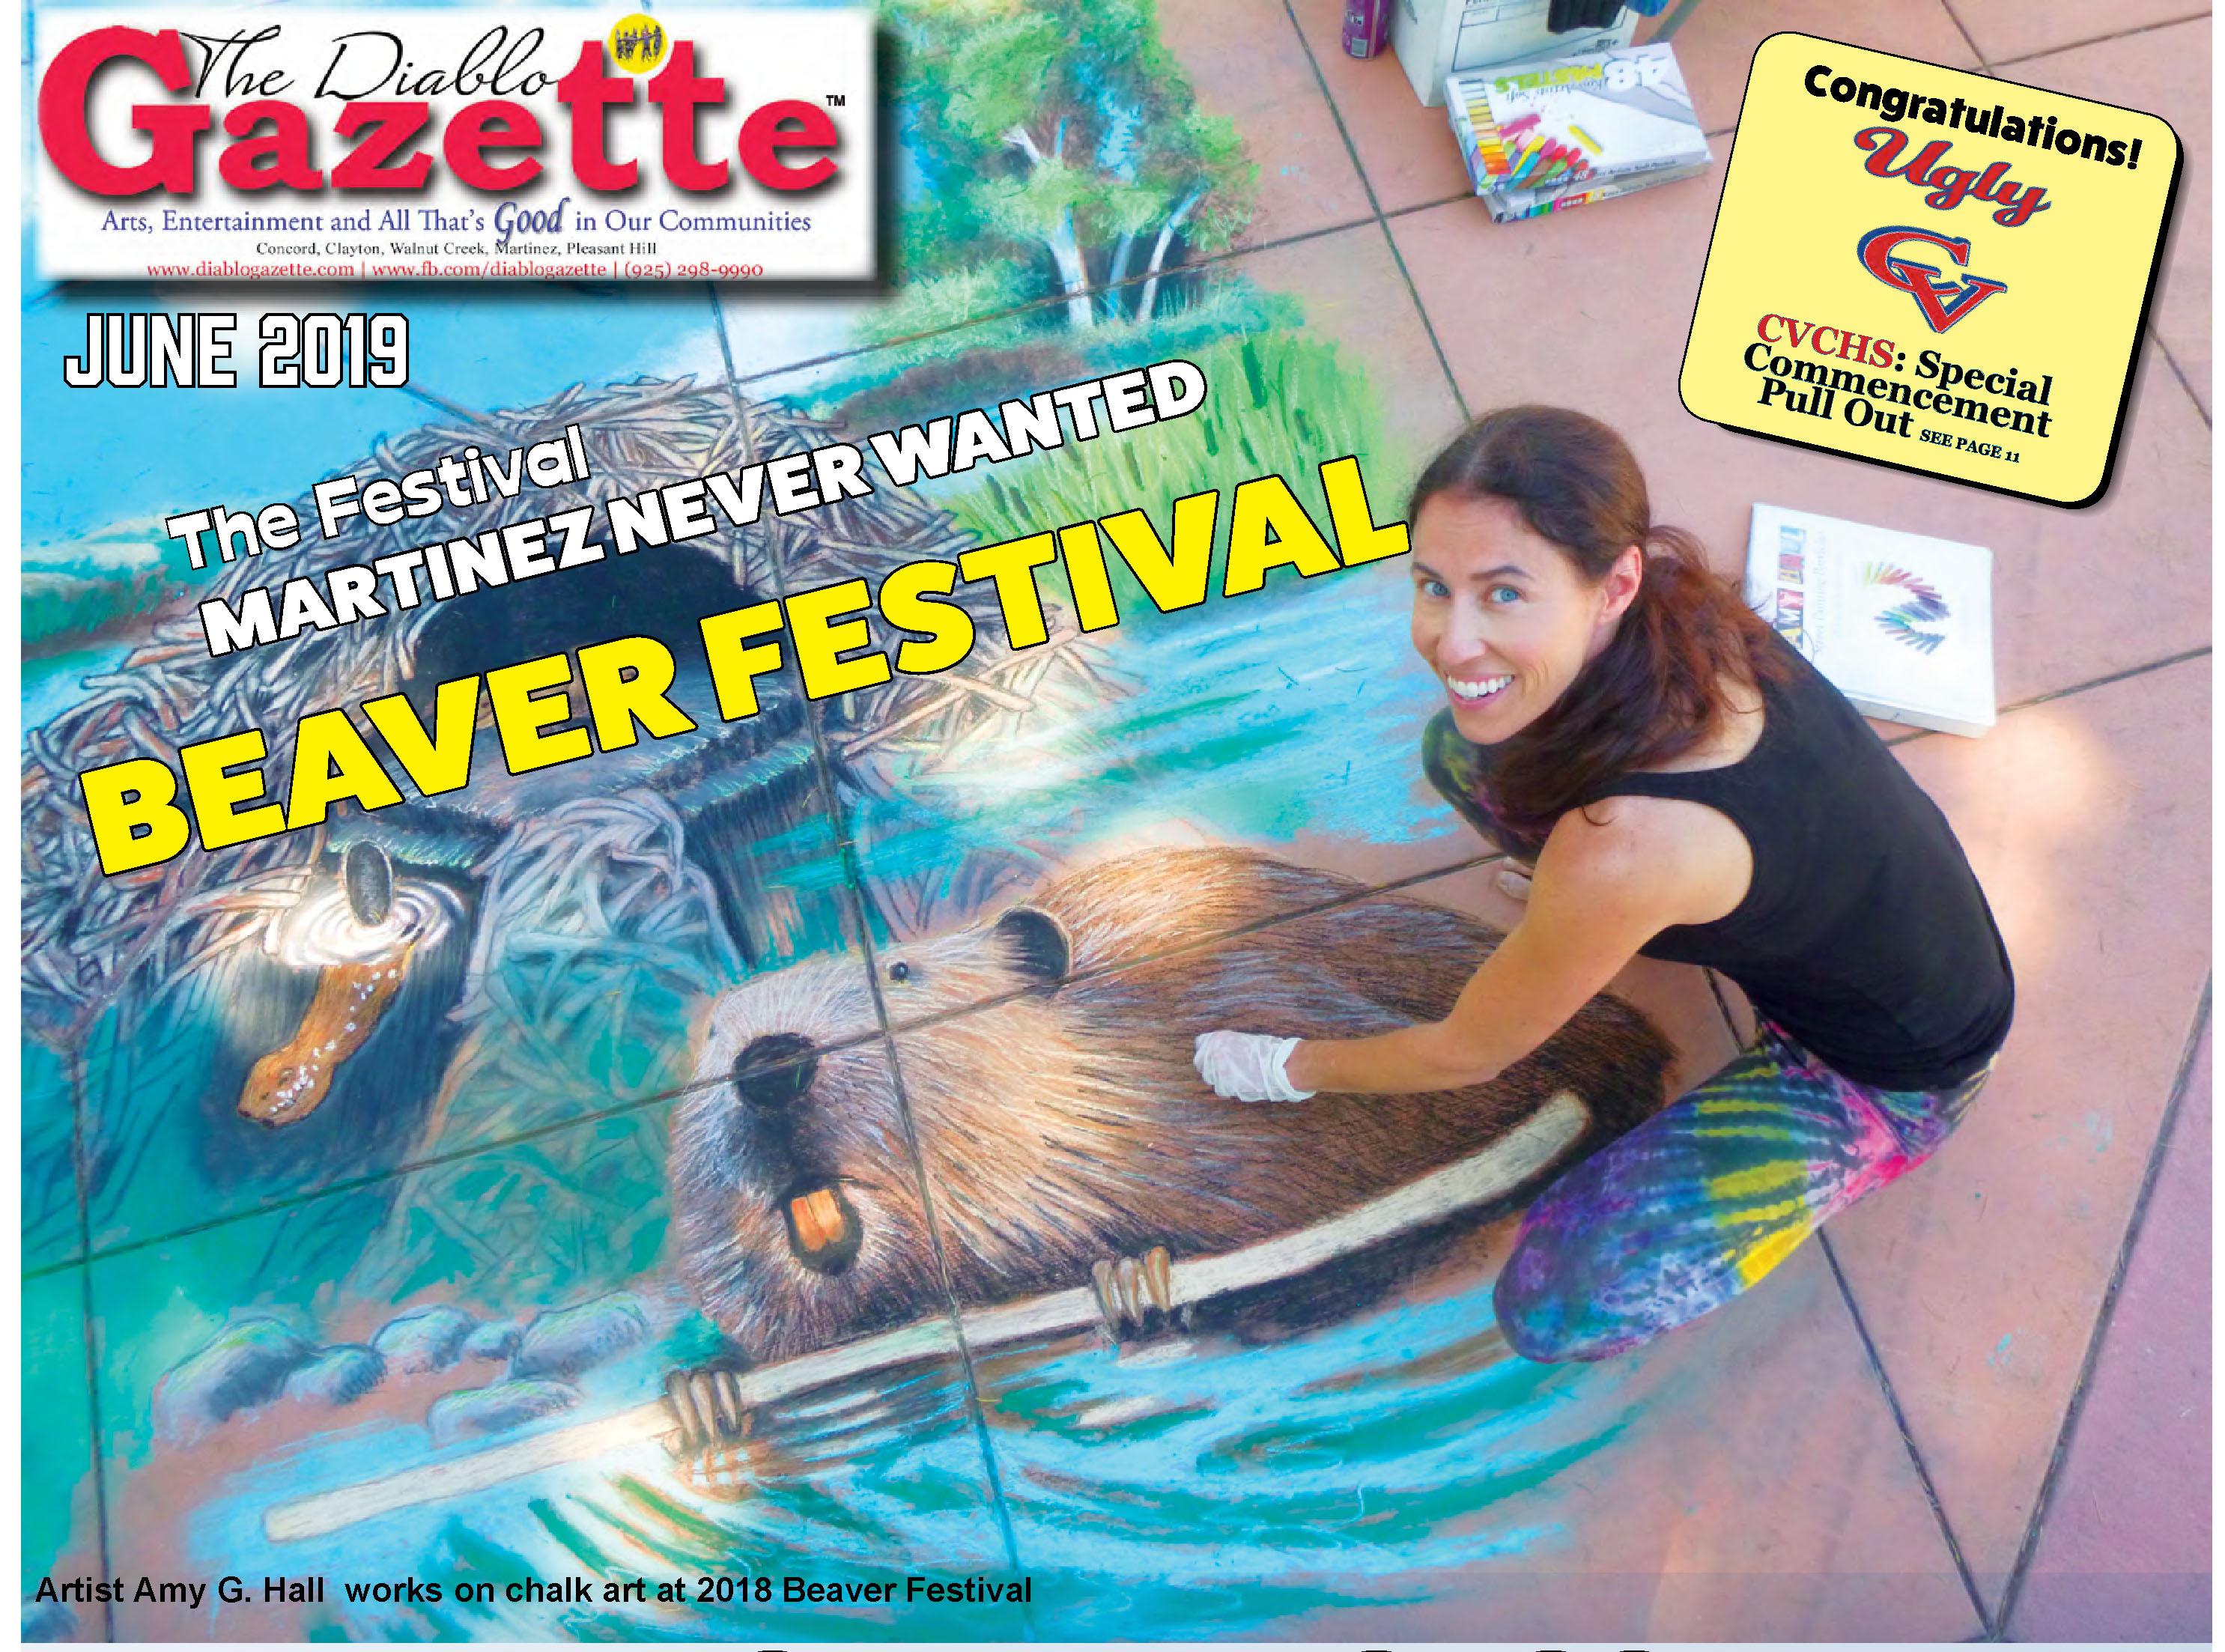 Diablo Gazette June 2019